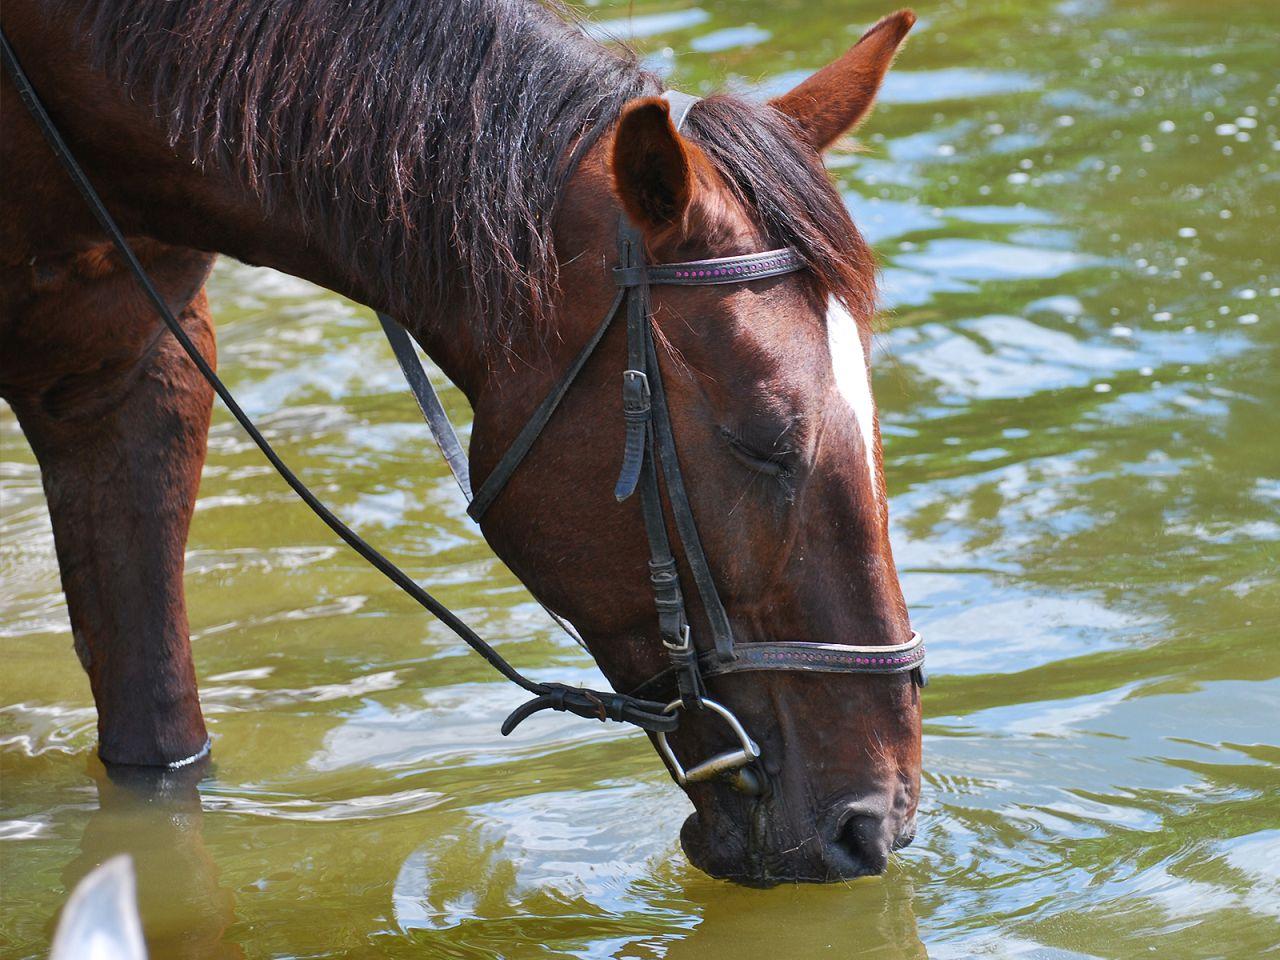 Летом башкиркам бывает достаточно один раз подойти к ручью, чтобы напиться